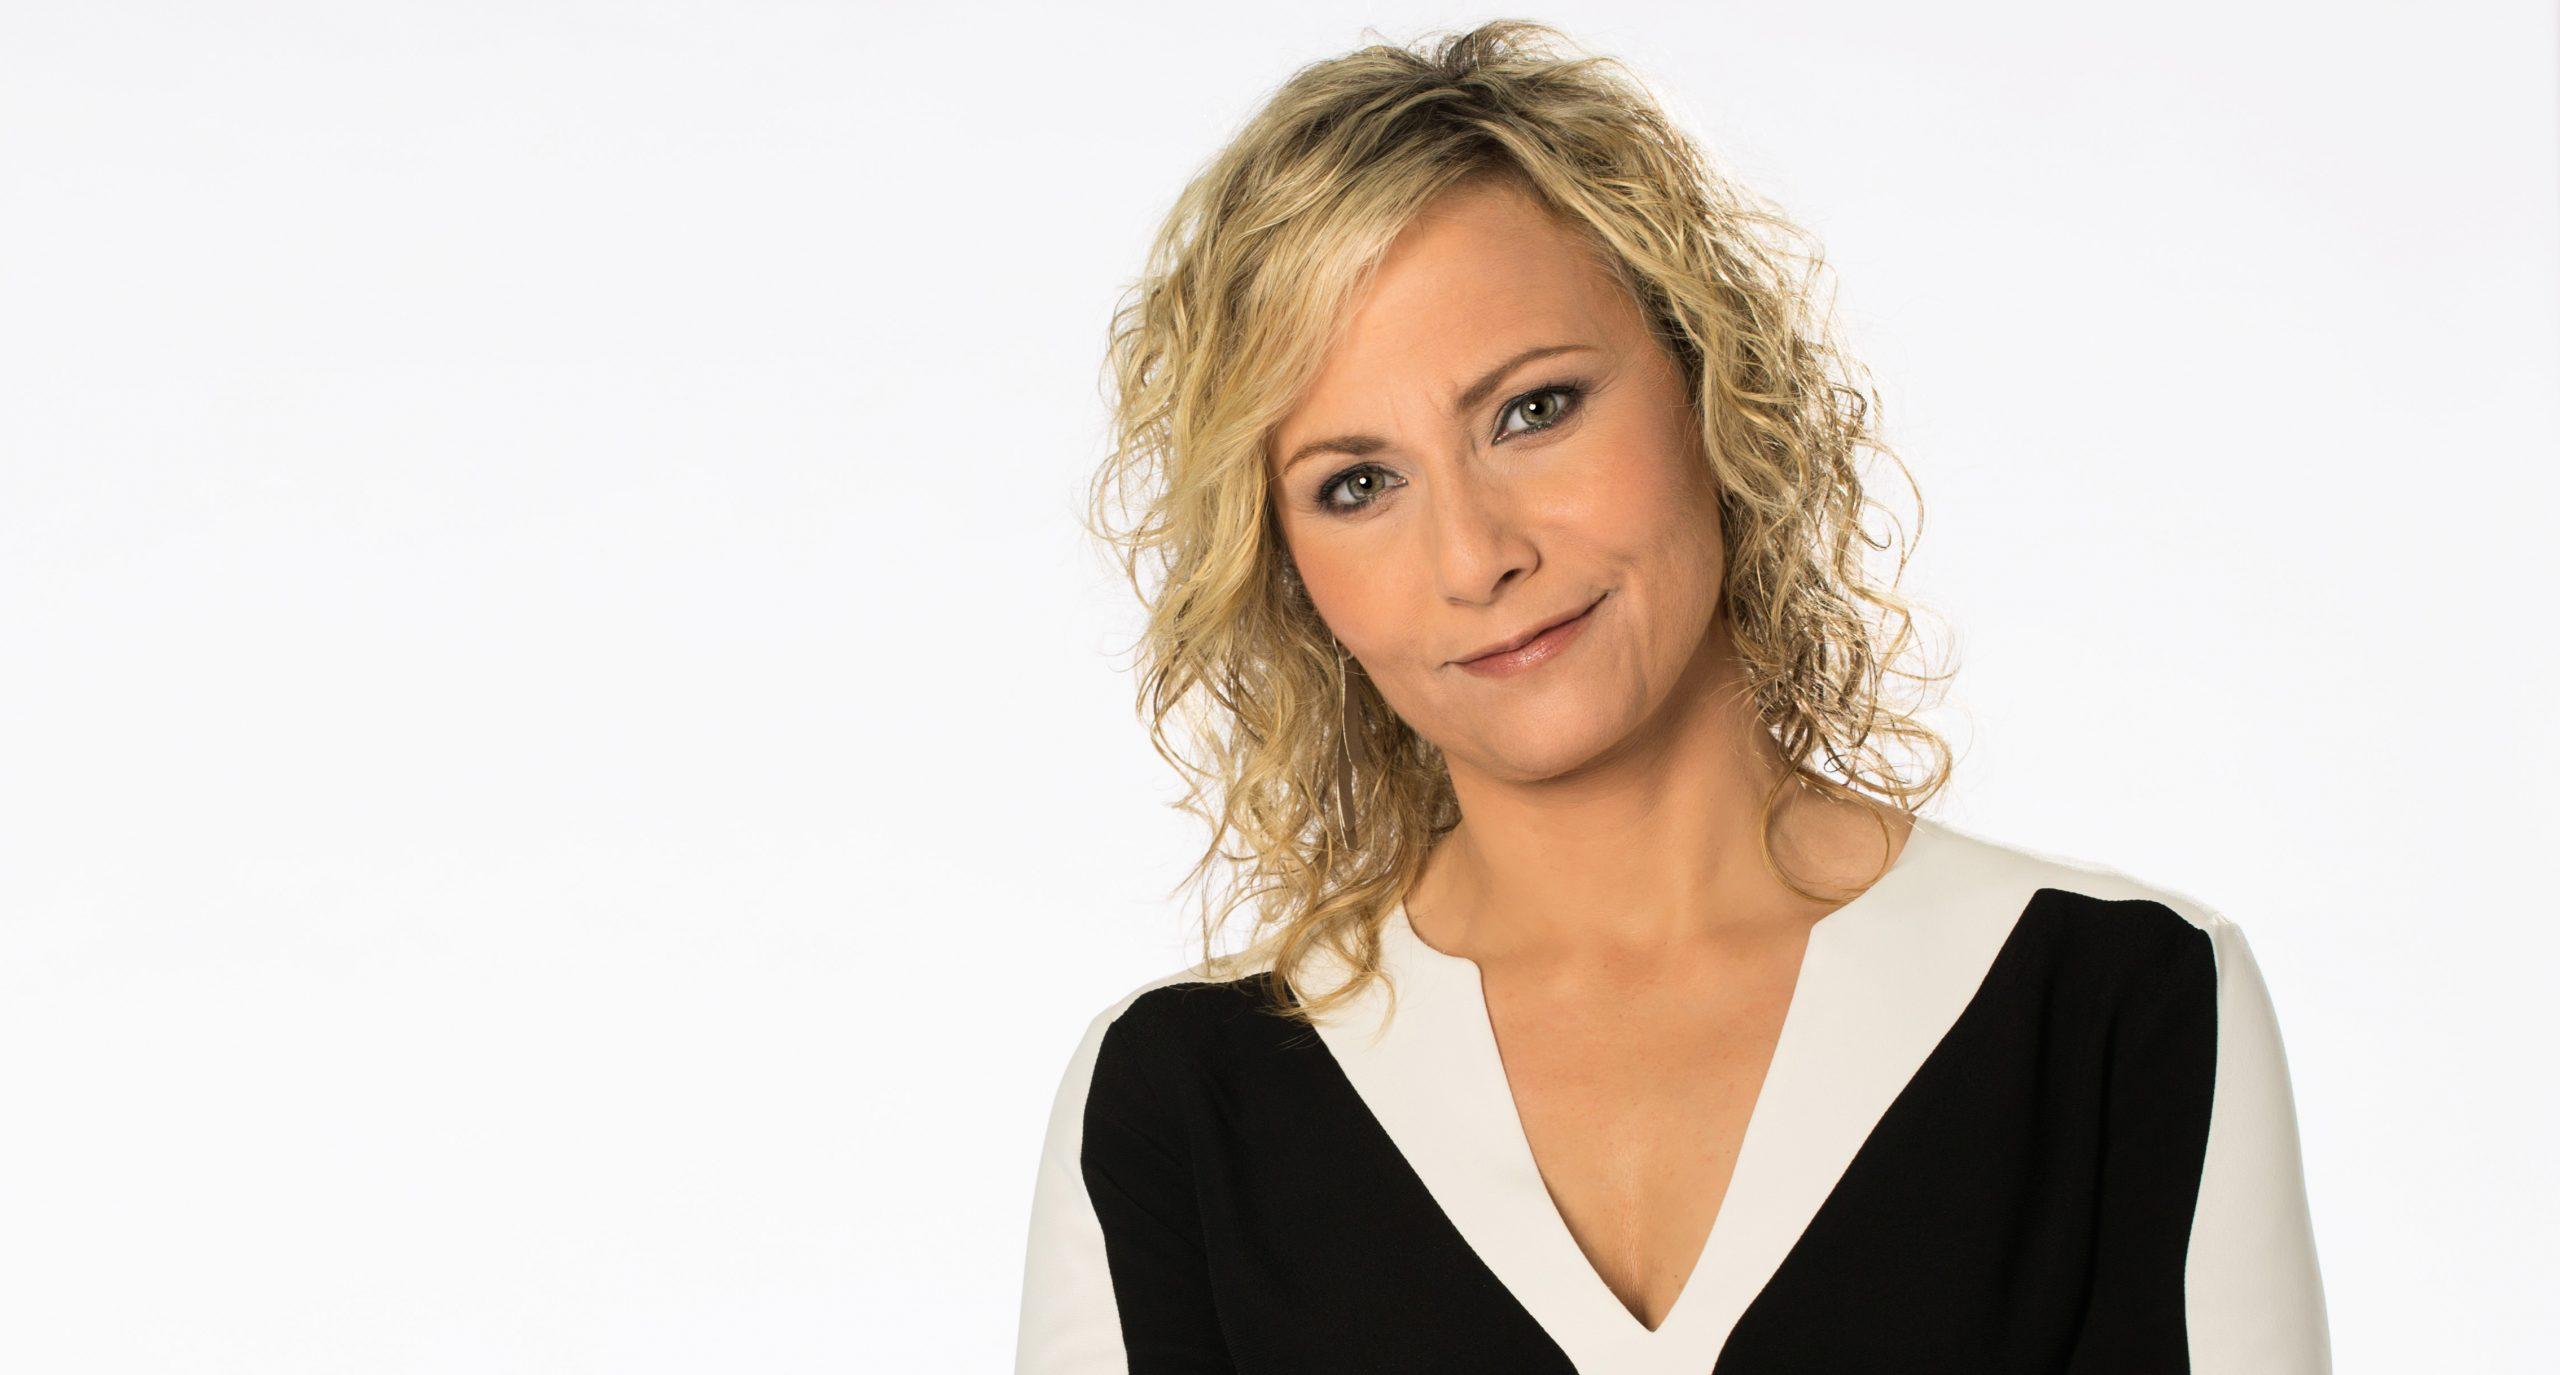 La periodista Mònica Terribas en una imatge promocional de la temporada 2019-2020 de Catalunya Ràdio | ACN